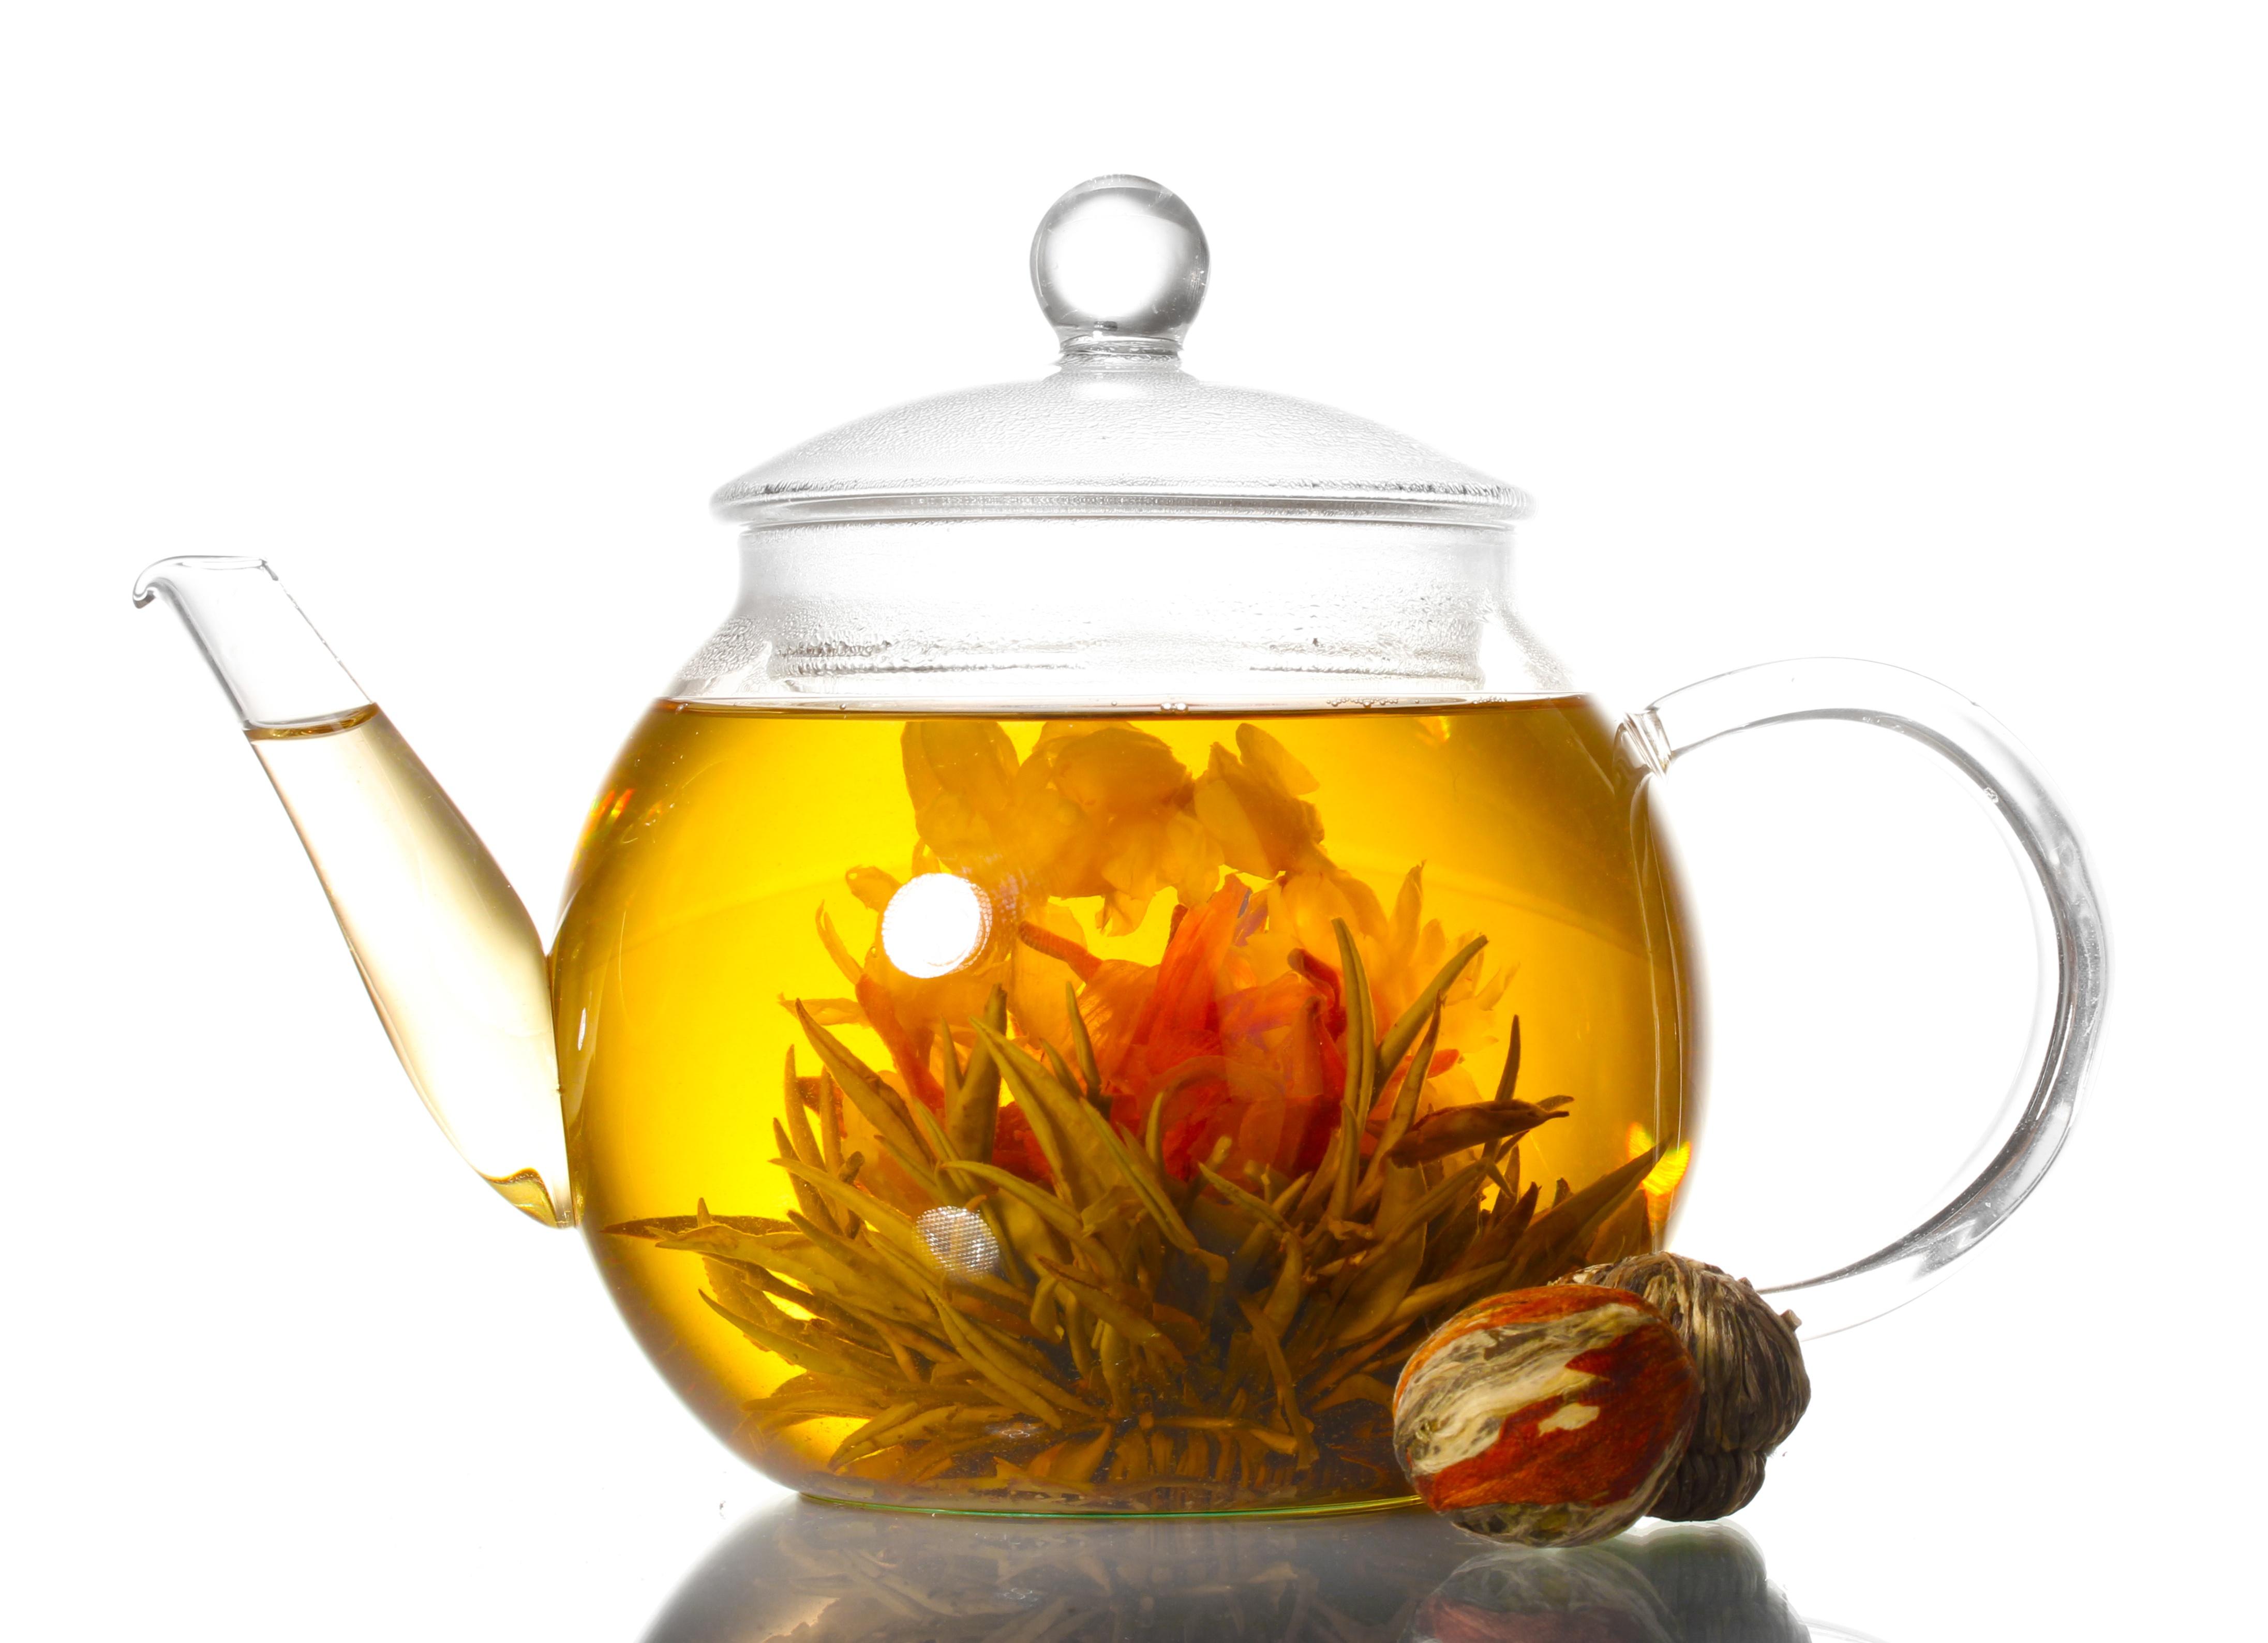 floweringtea in teapot